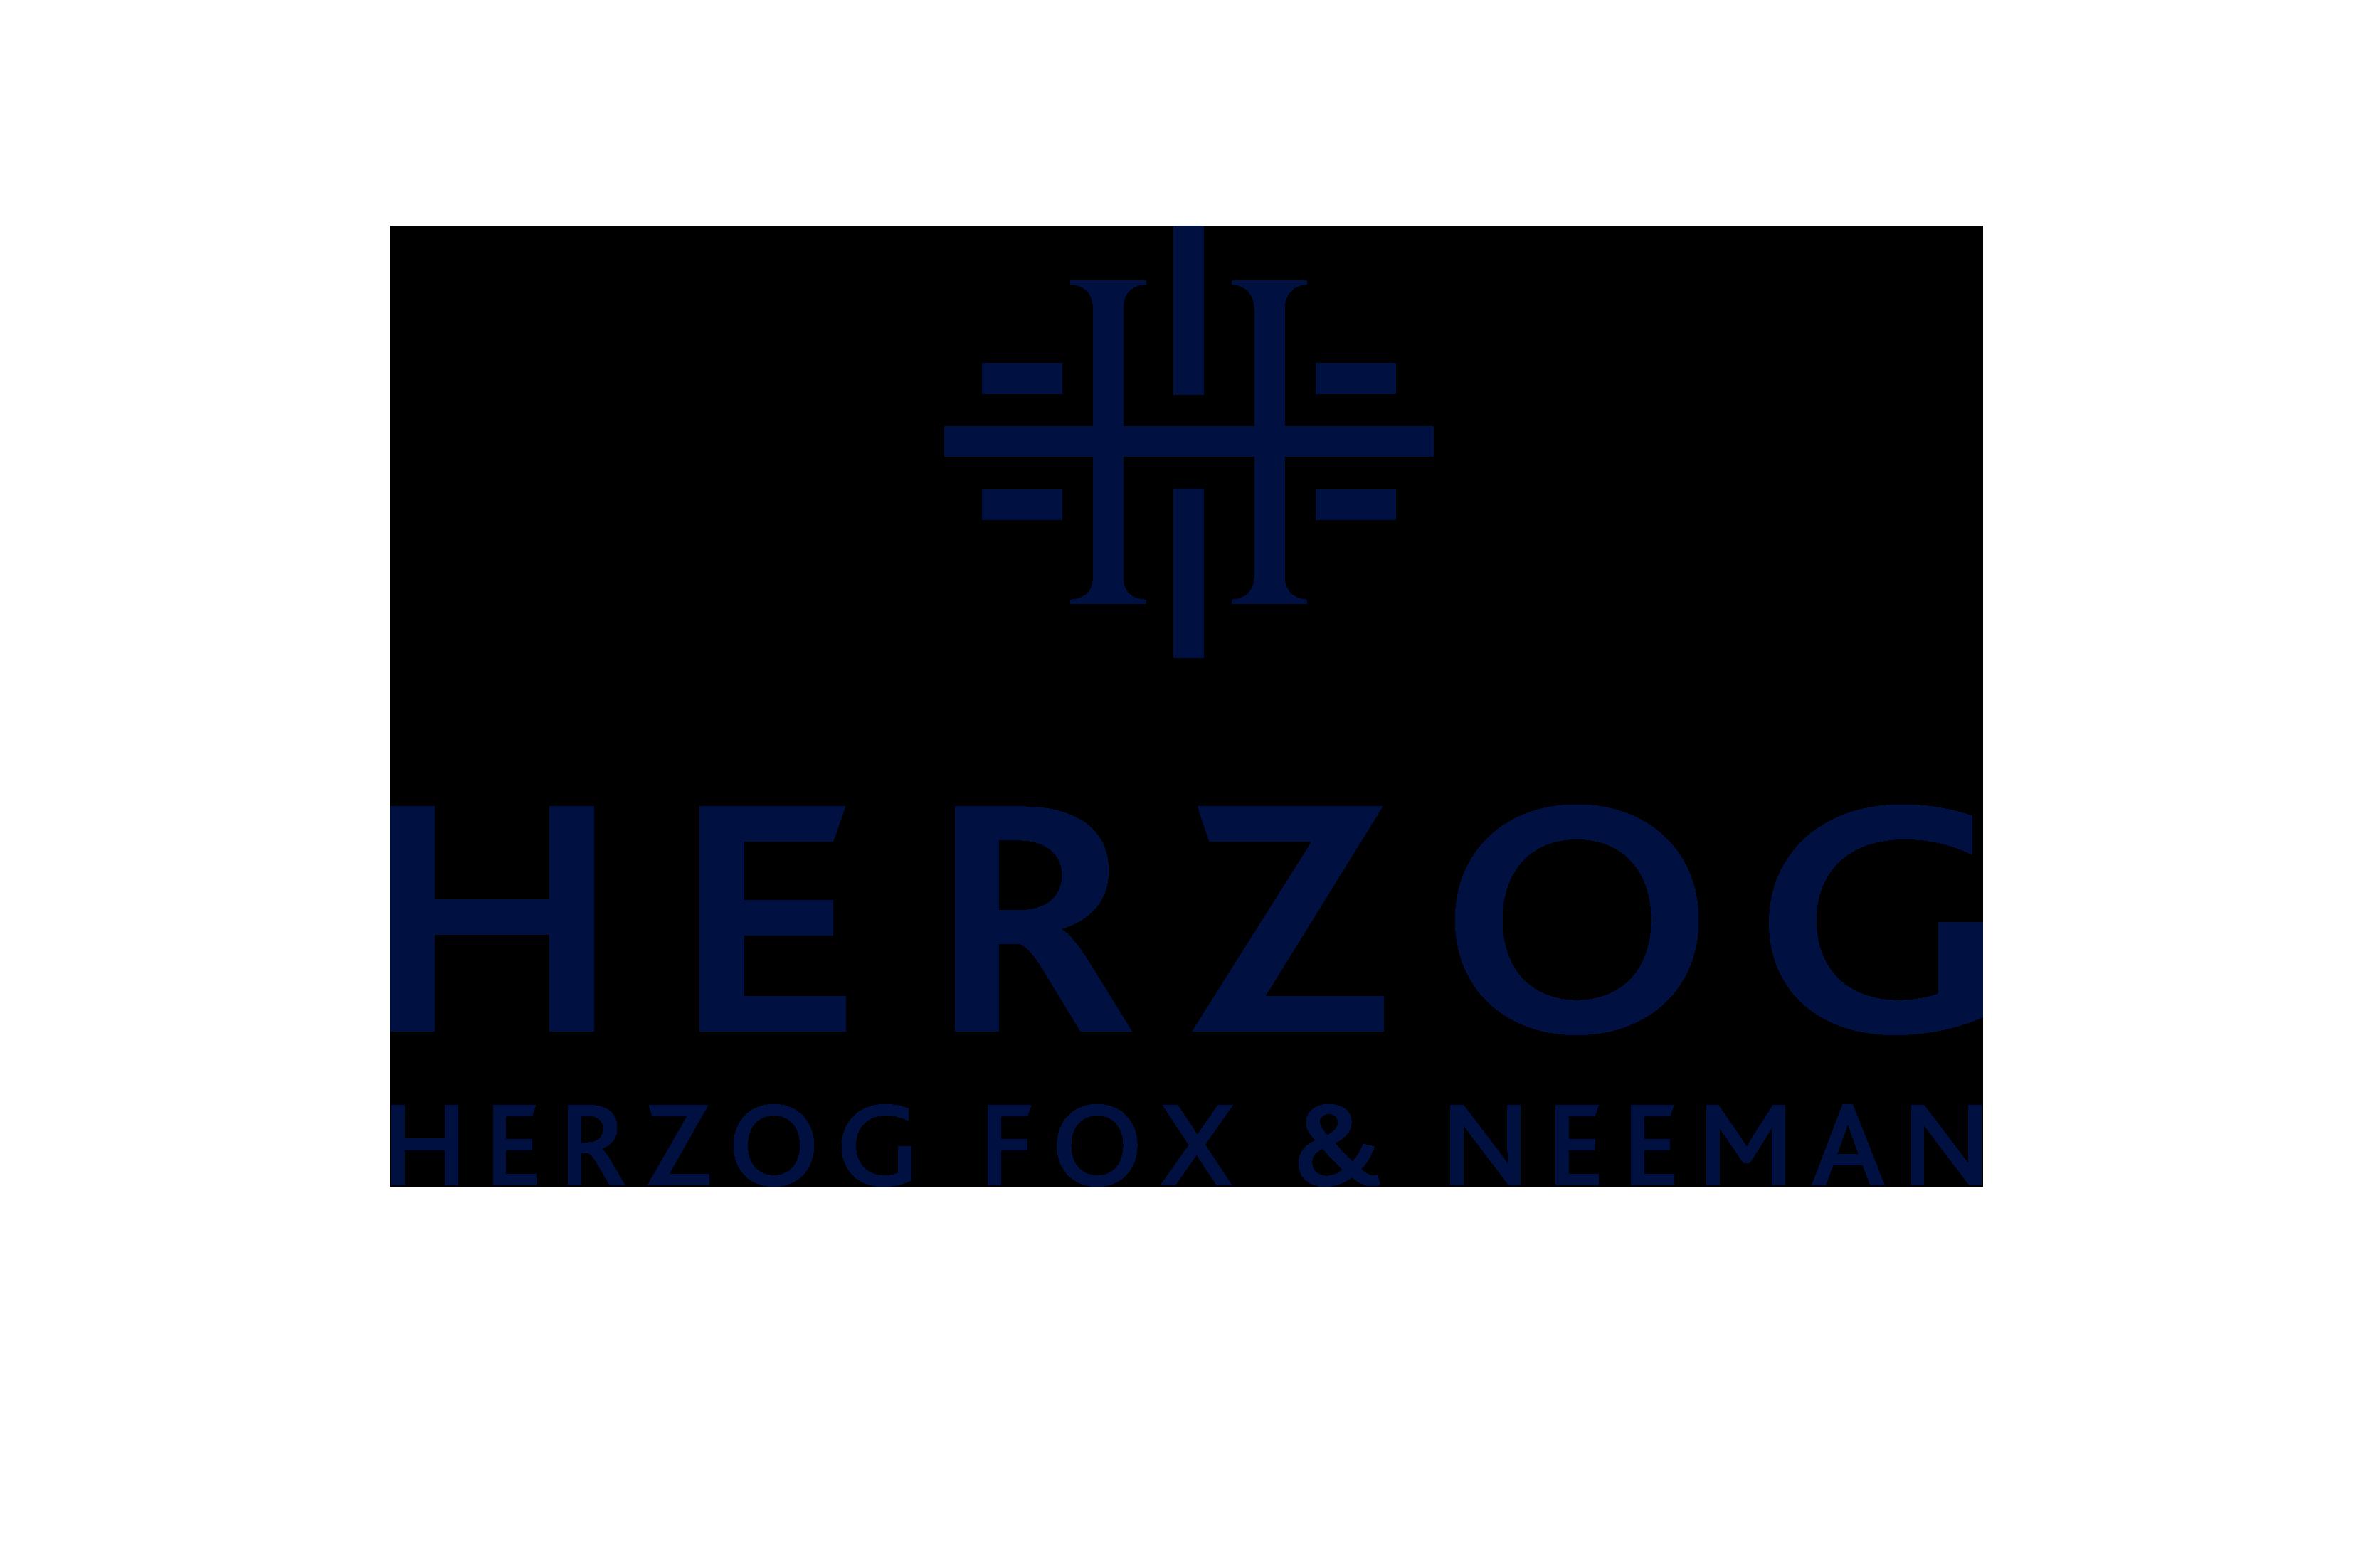 Herzog Fox & Neeman